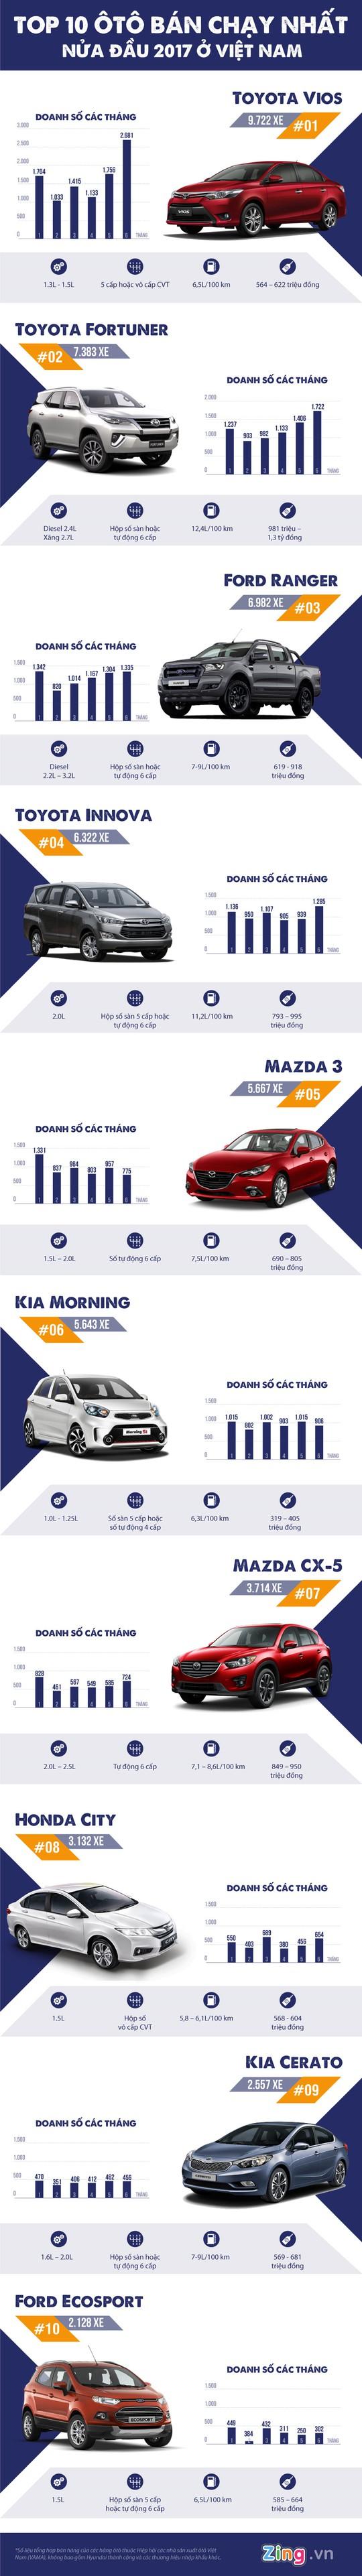 10 ô tô bán chạy nhất nửa đầu 2017 ở Việt Nam - Ảnh 1.